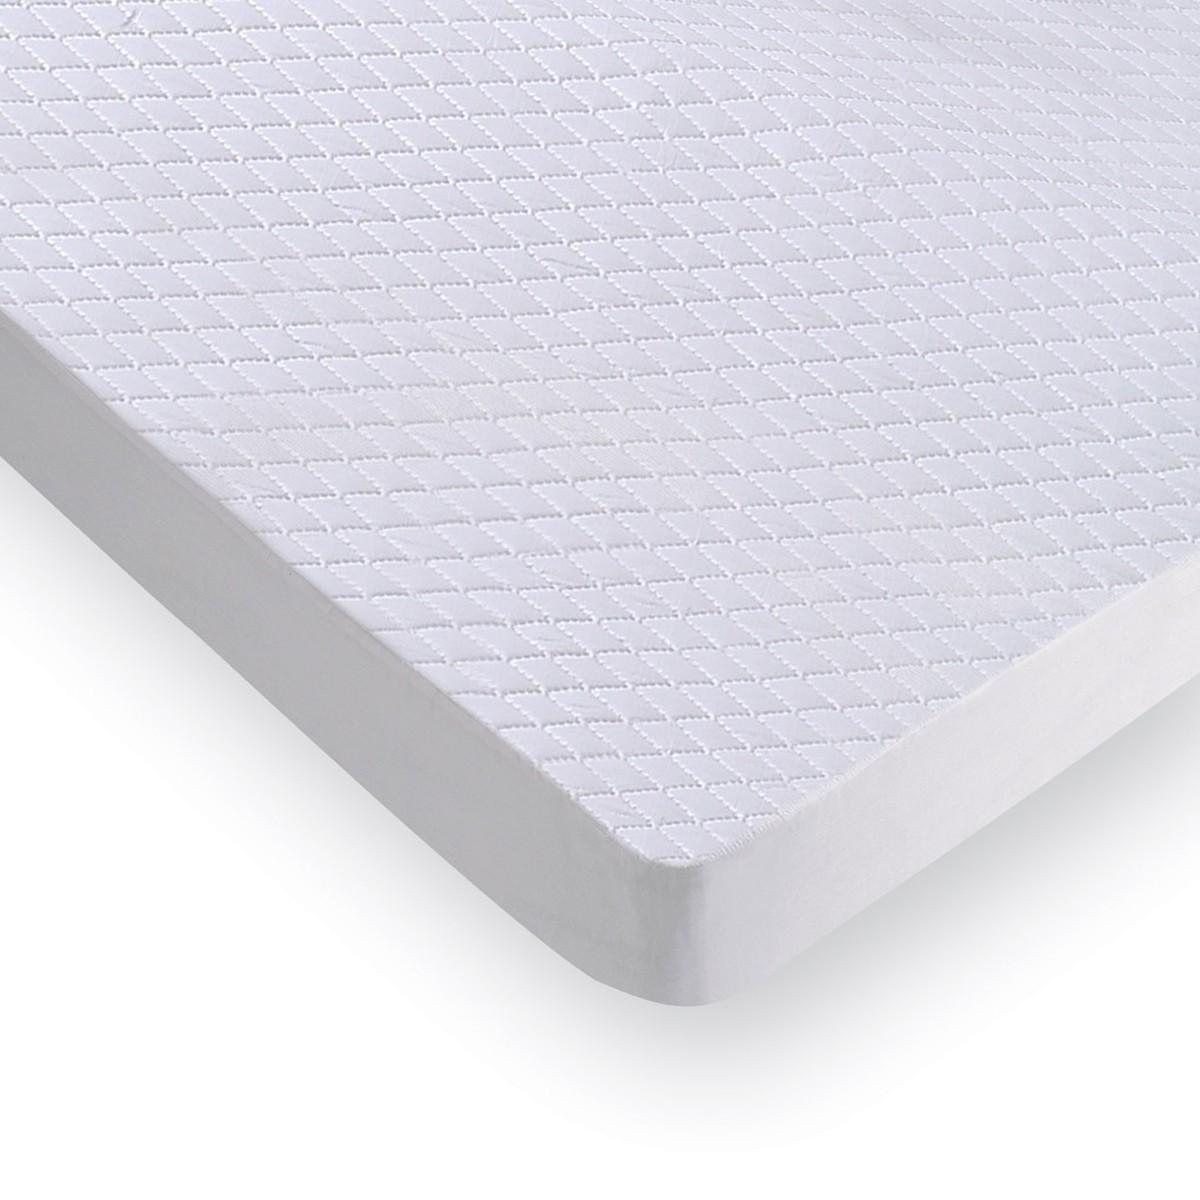 Κάλυμμα Στρώματος Καπιτονέ (100x200) 100%Microfiber Με Φάσα